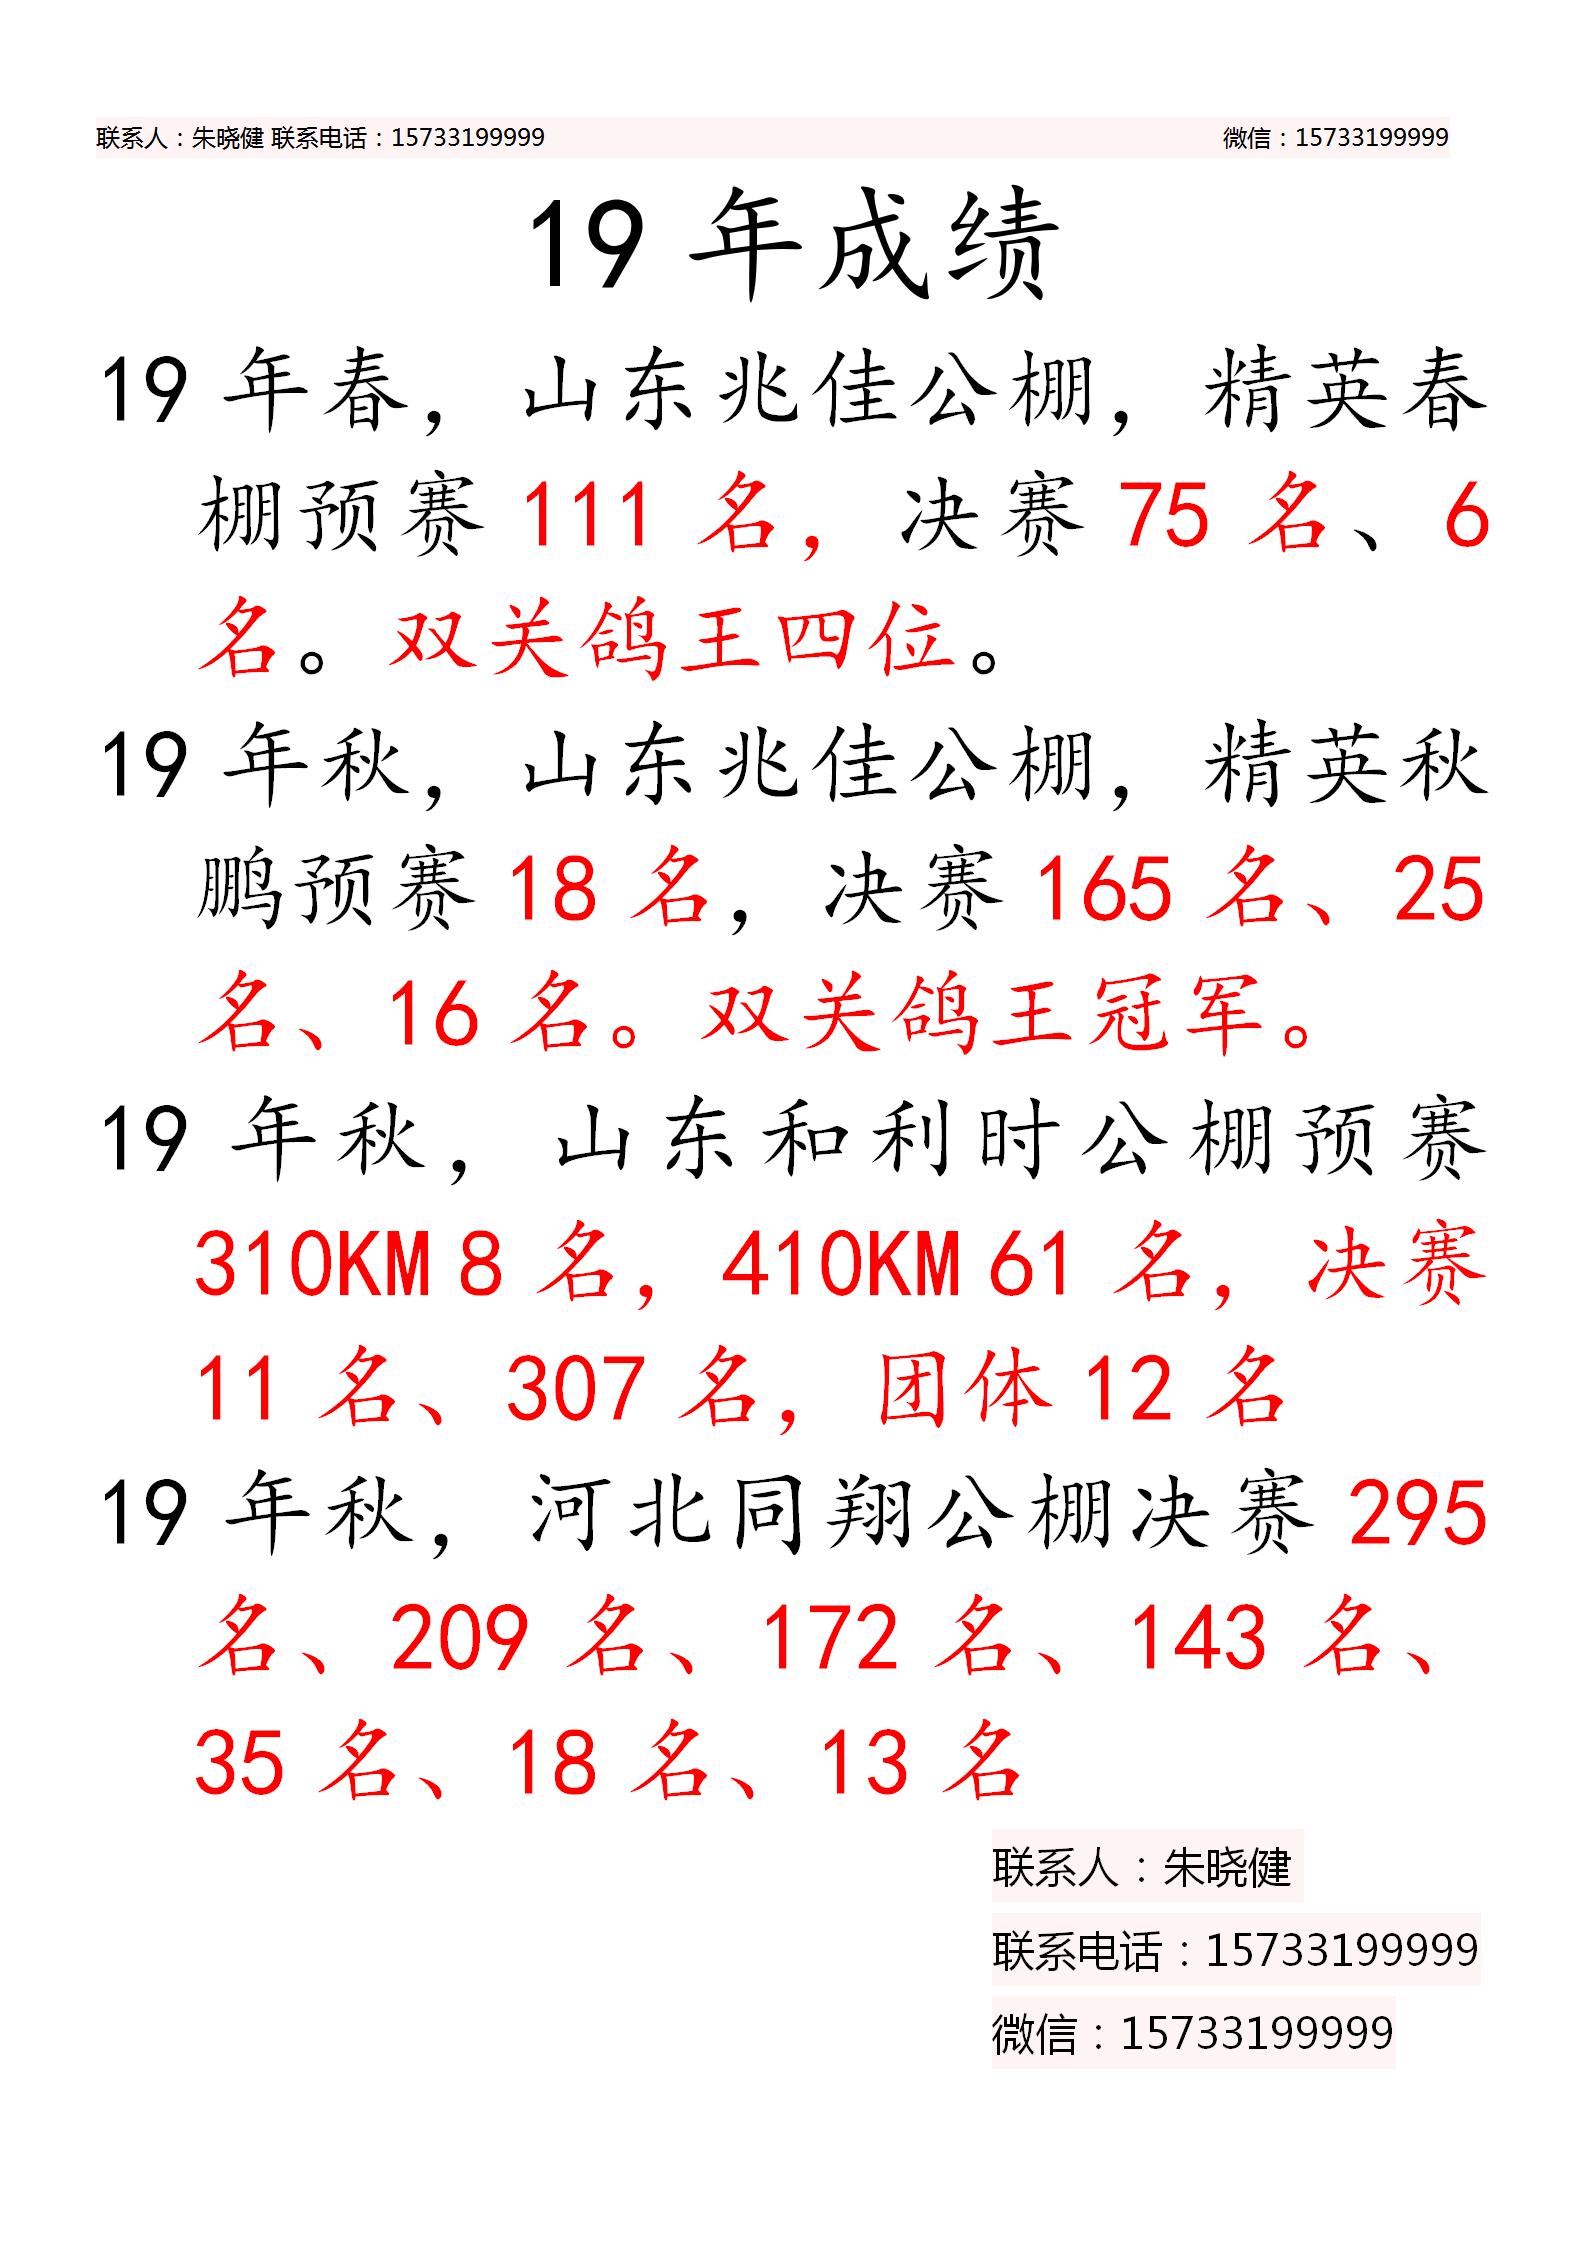 长江道1号19年成绩